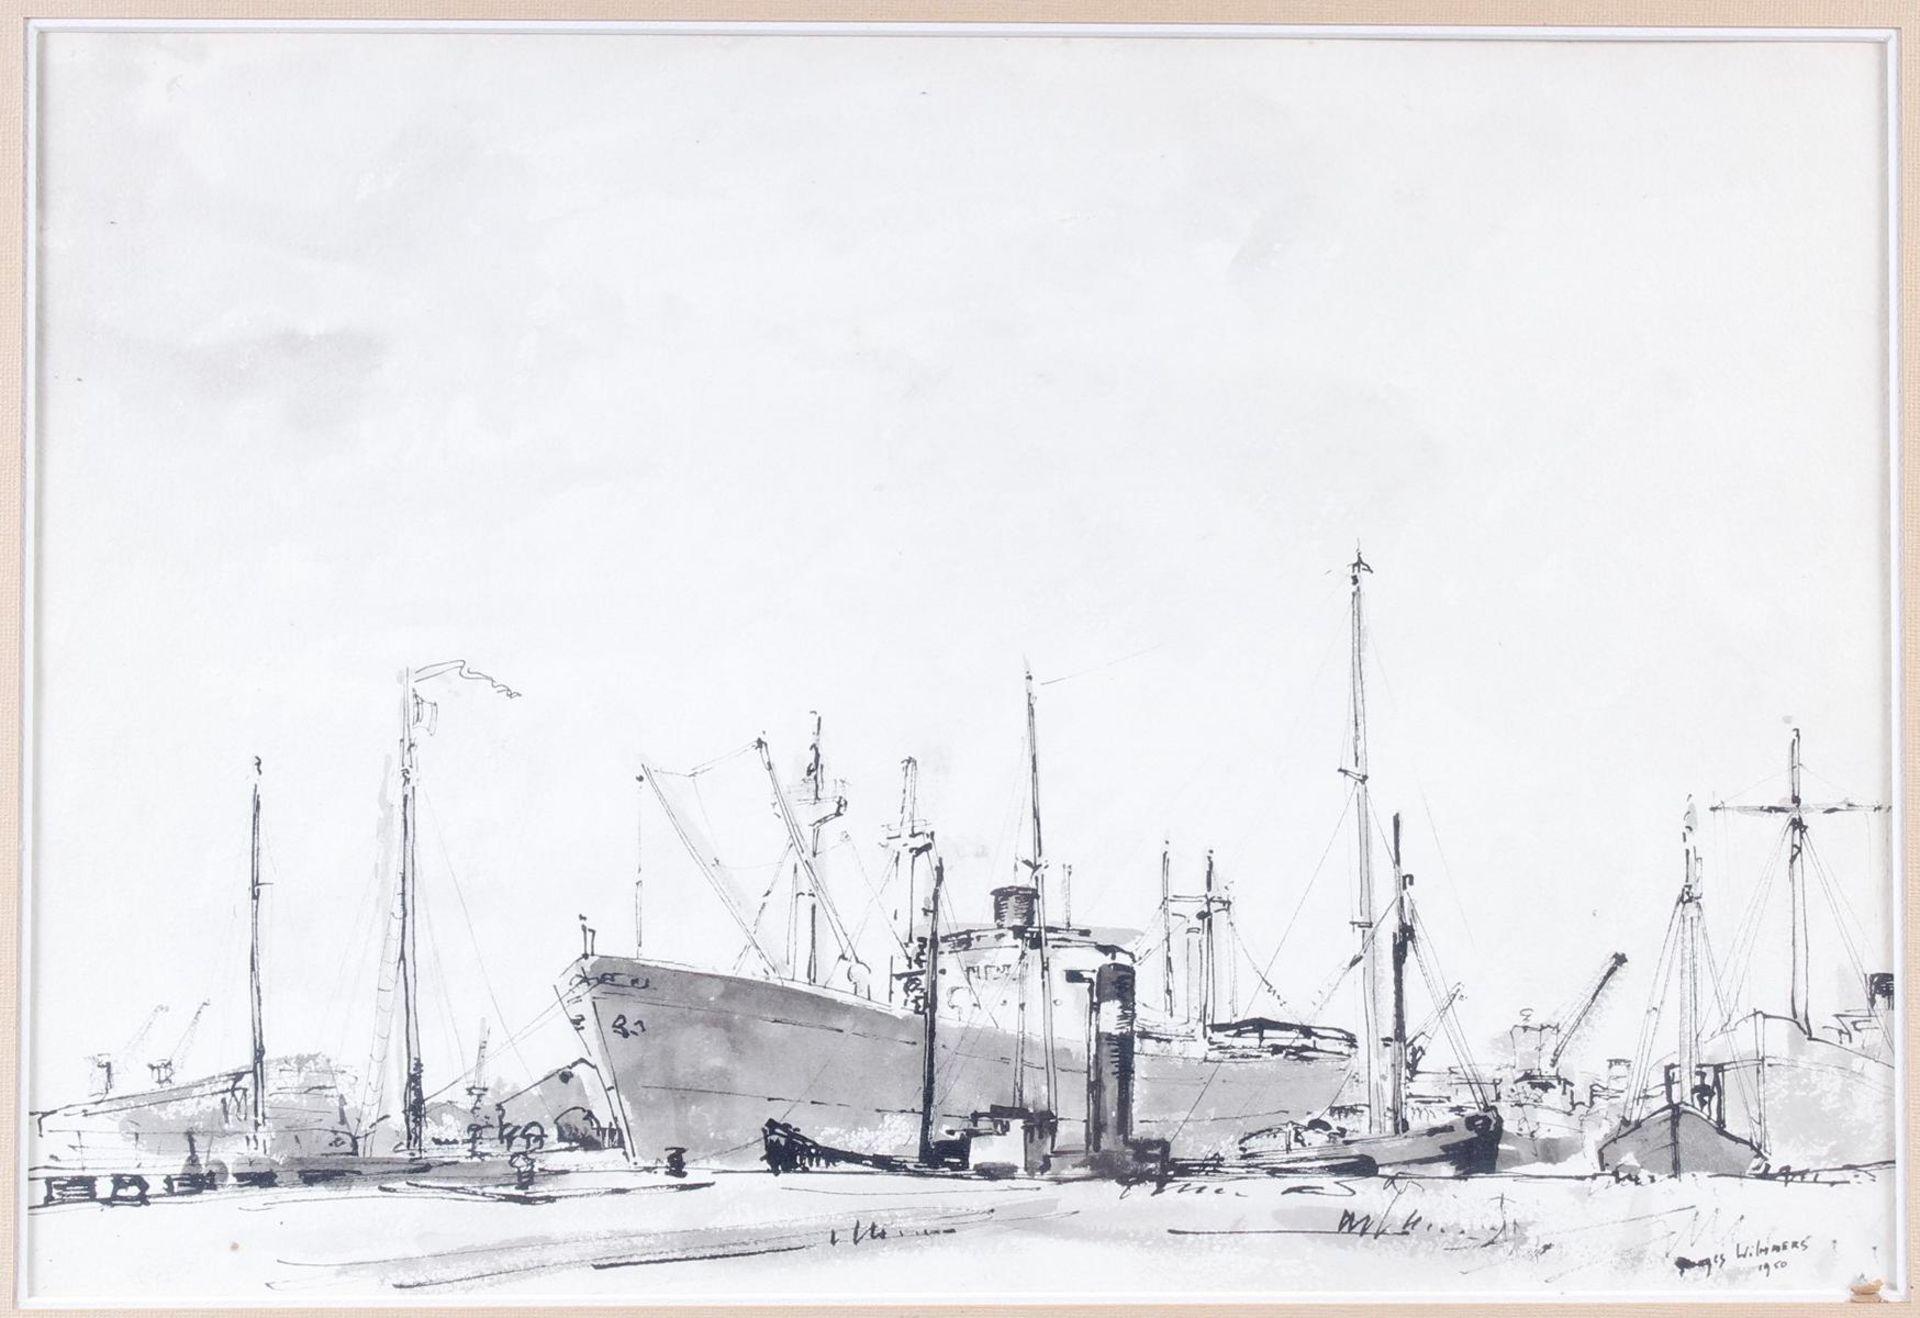 Aquarell, Hafenansicht mit Schiffen, Wilmmers 1950 - Bild 2 aus 5